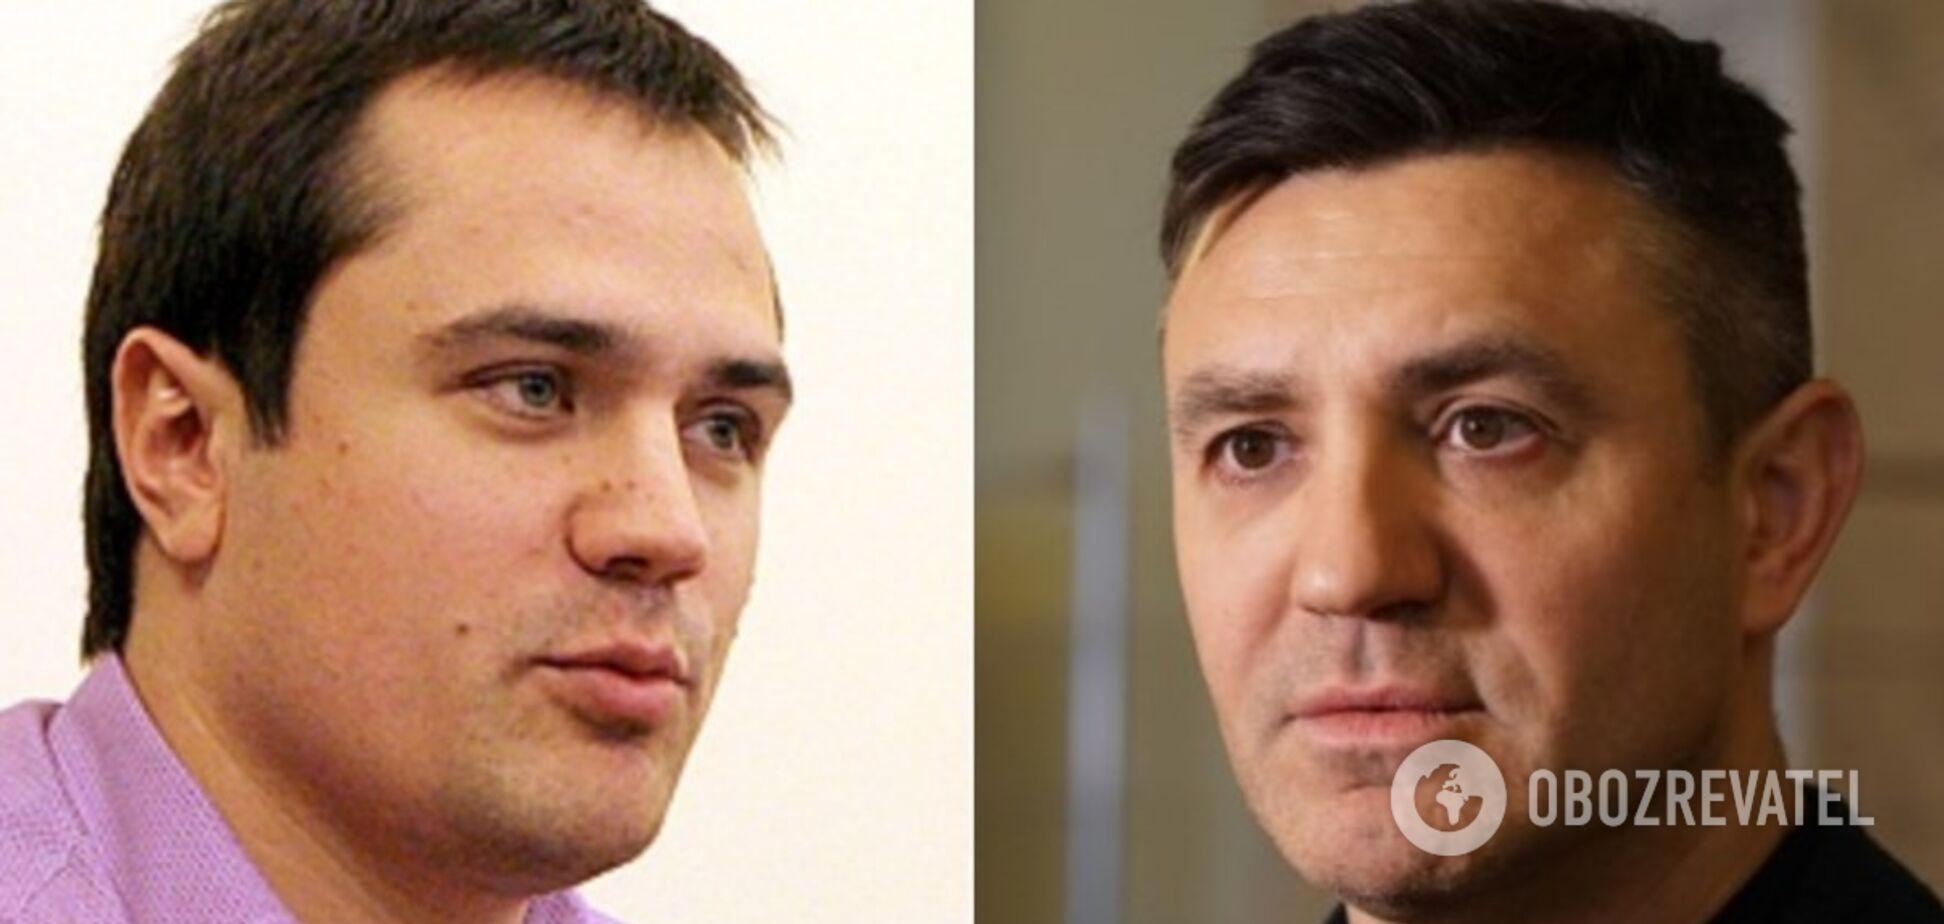 Нардеп обвинил Комарницкого и Тищенко в завладении имуществом на миллионы гривен